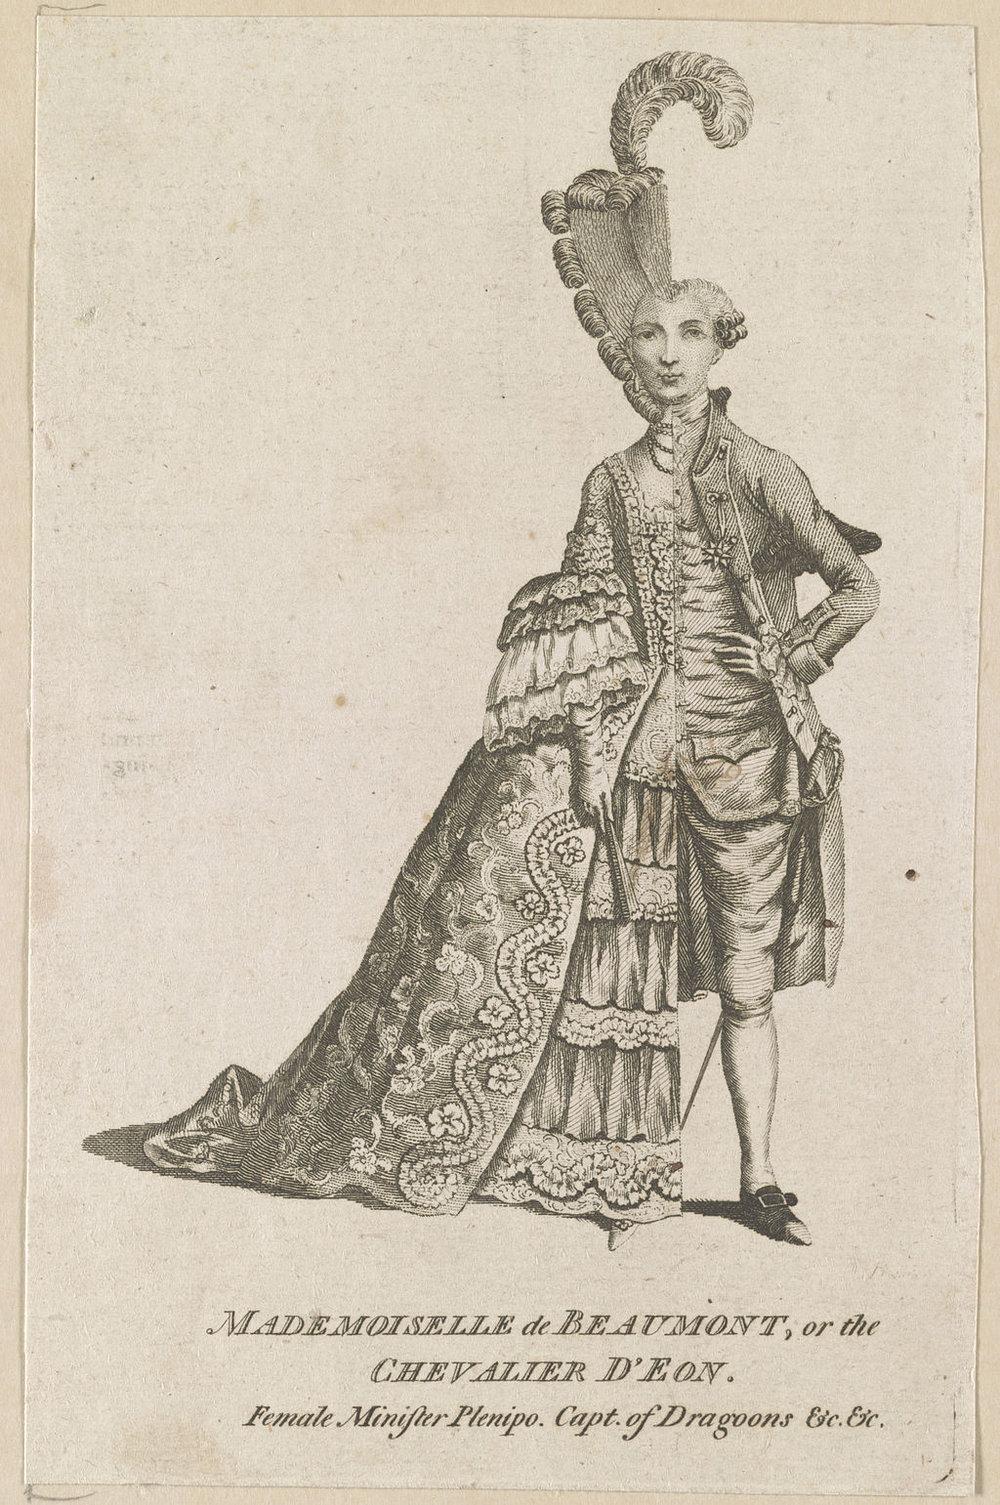 Caricature of Chevalier d'Éon